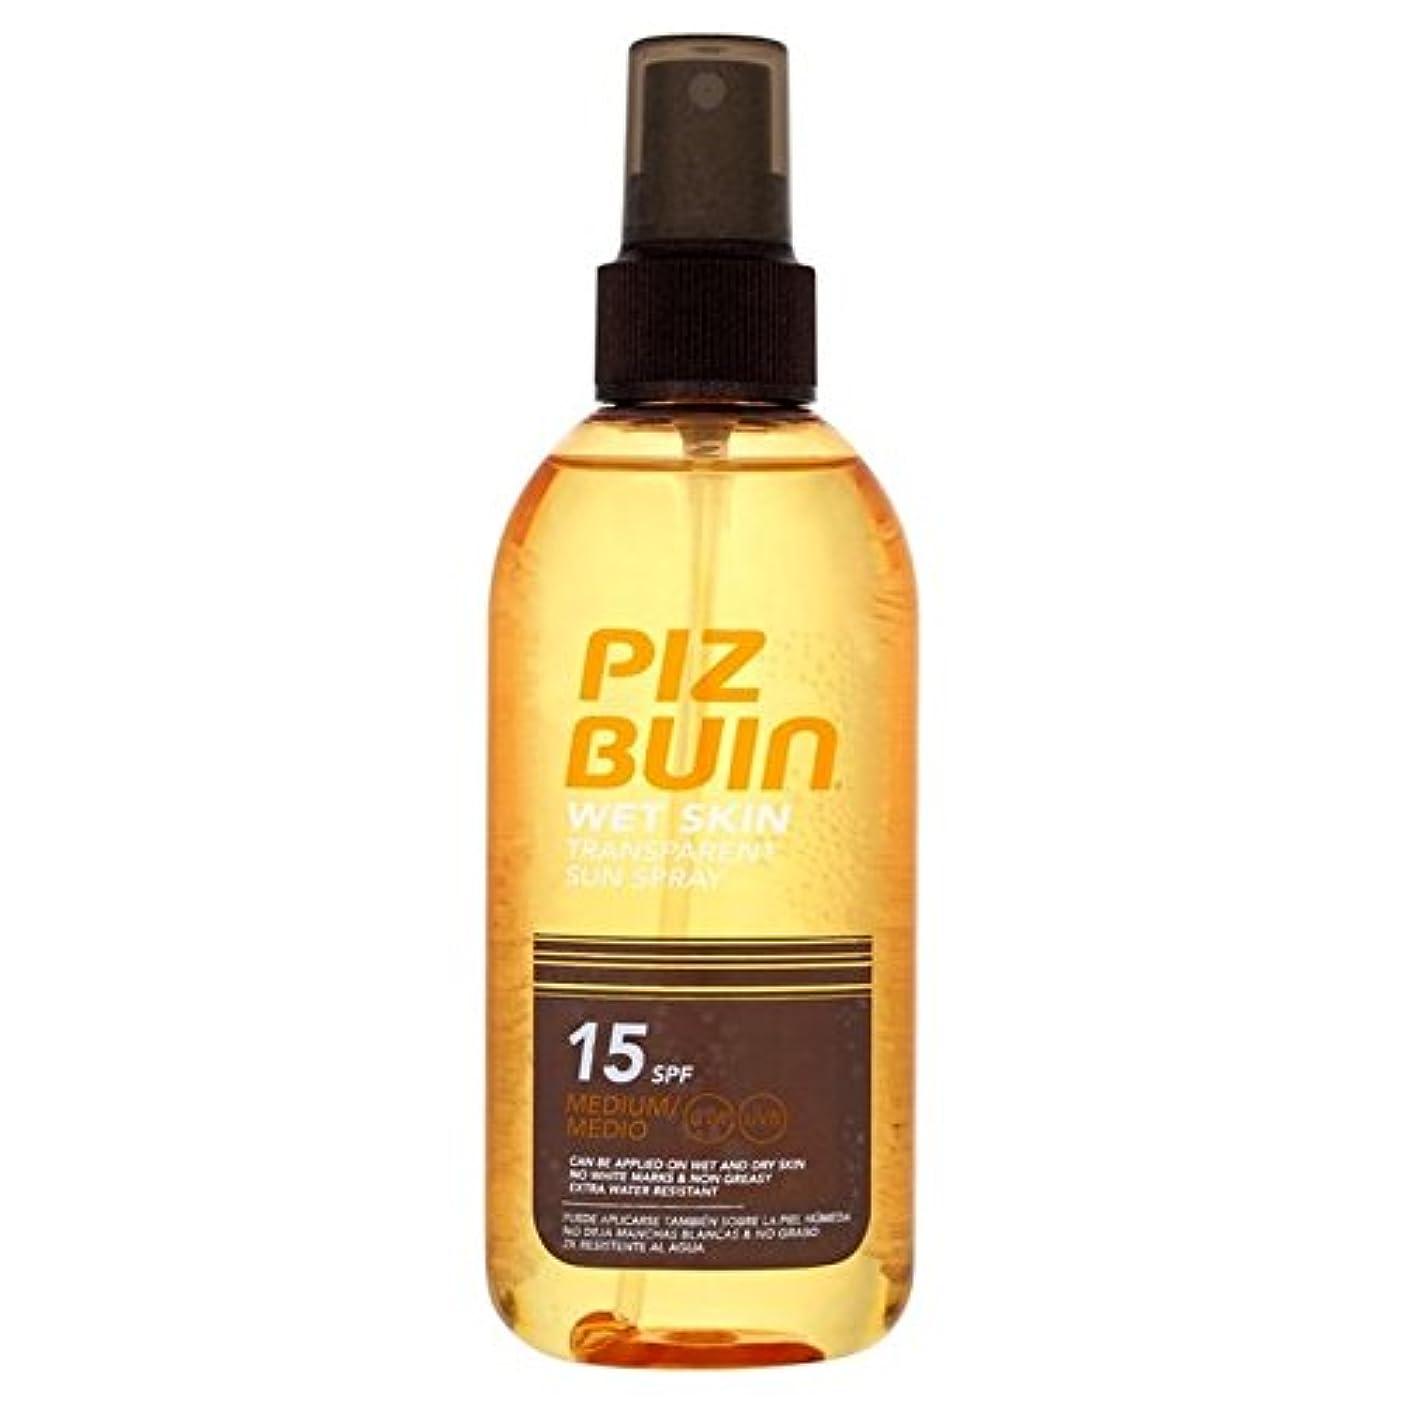 倍増クラッチ座るピッツブーインの湿った透明肌15の150ミリリットル x2 - Piz Buin Wet Transparent Skin SPF15 150ml (Pack of 2) [並行輸入品]